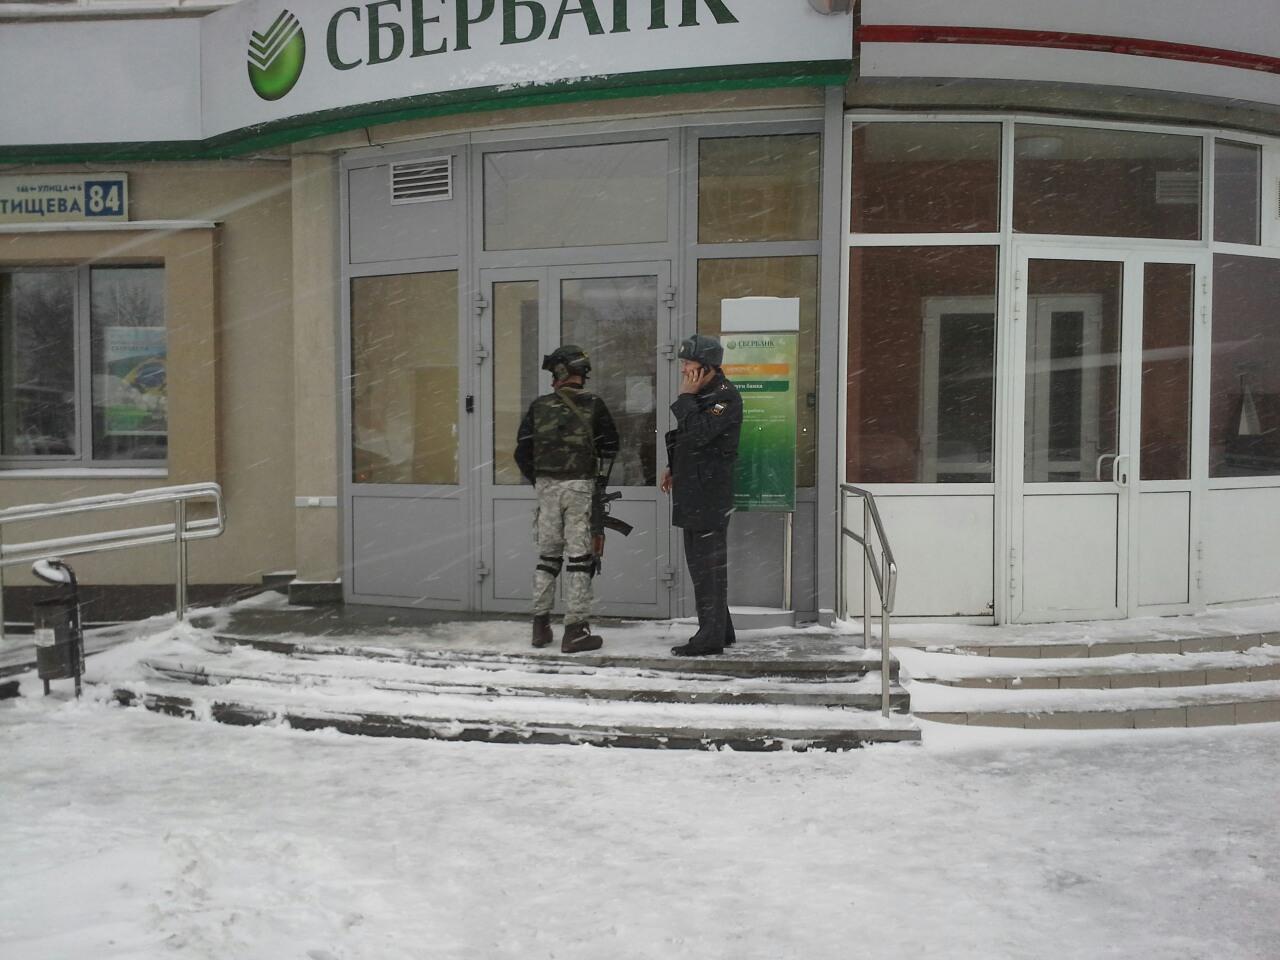 Трое вооруженных налетчиков попытались грабануть Сбербанк в Екатеринбурге